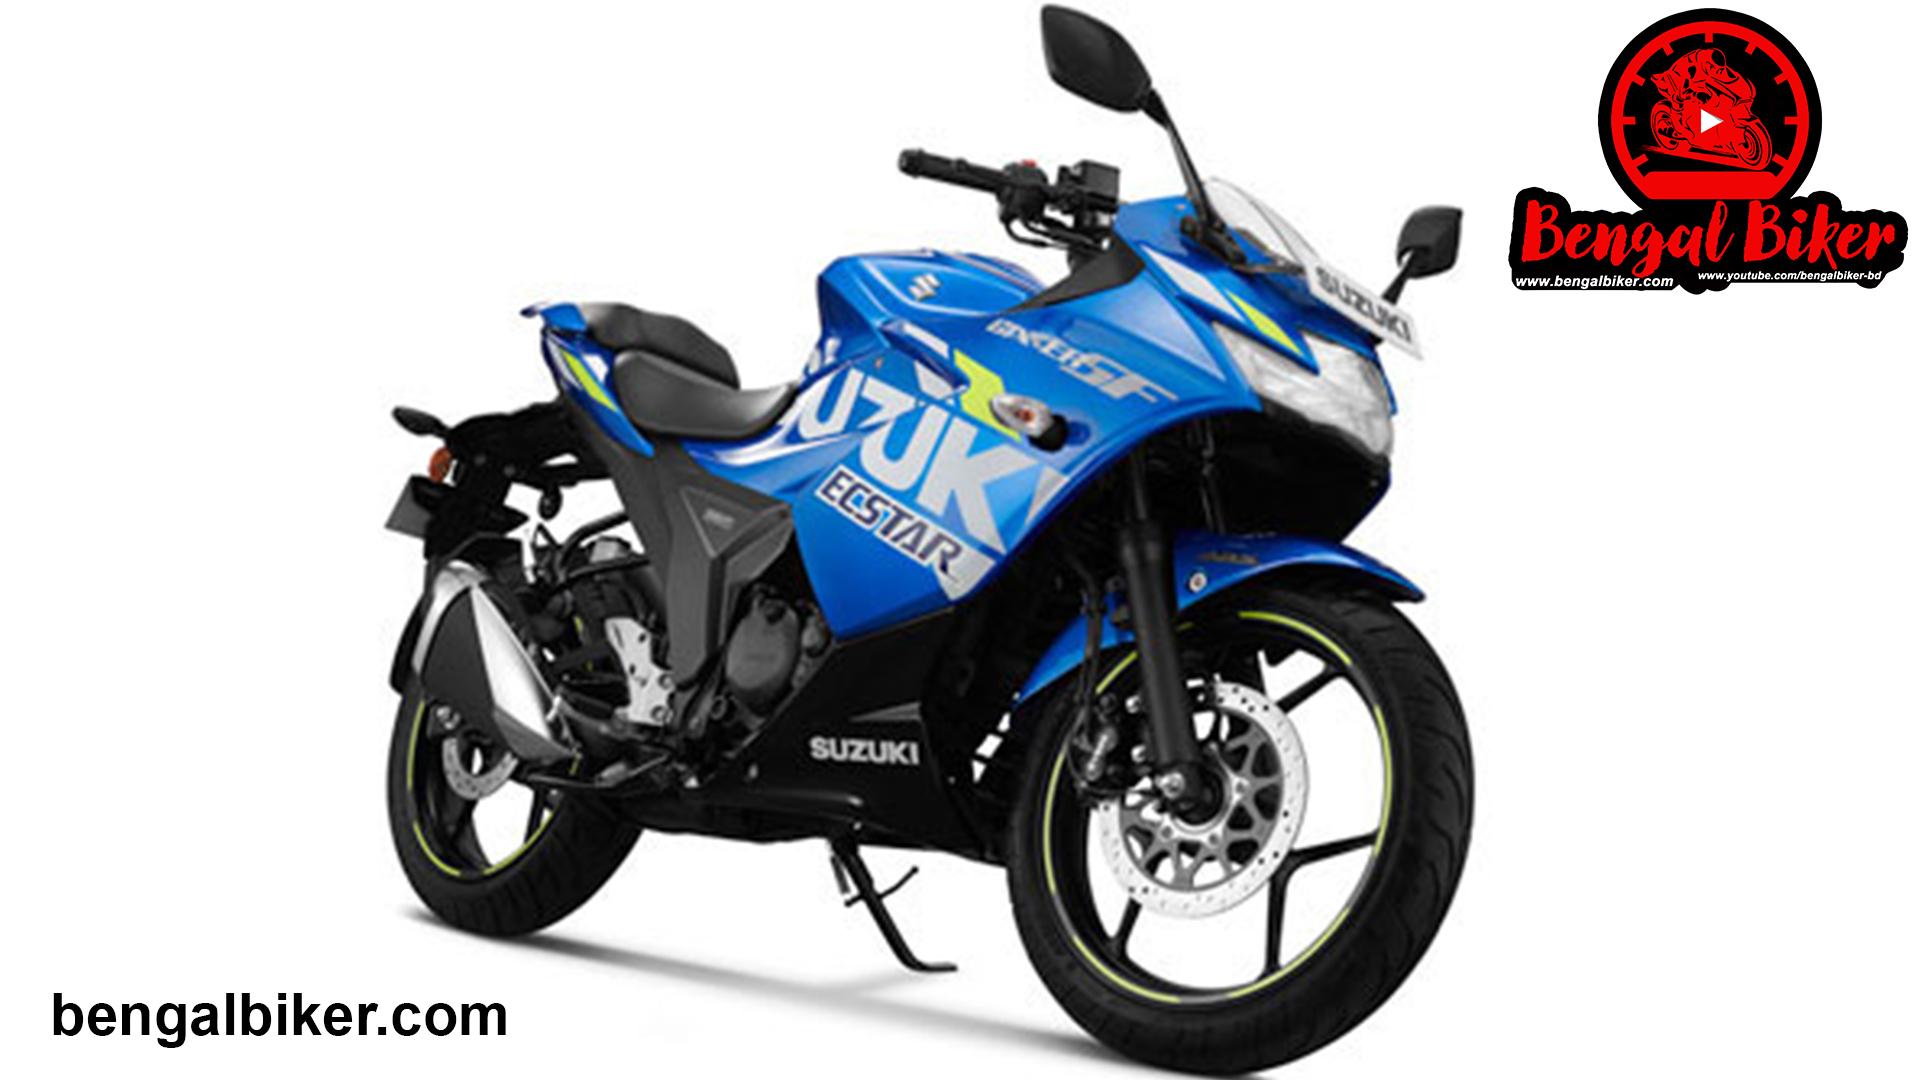 suzuki gixxer sf fi abs blue